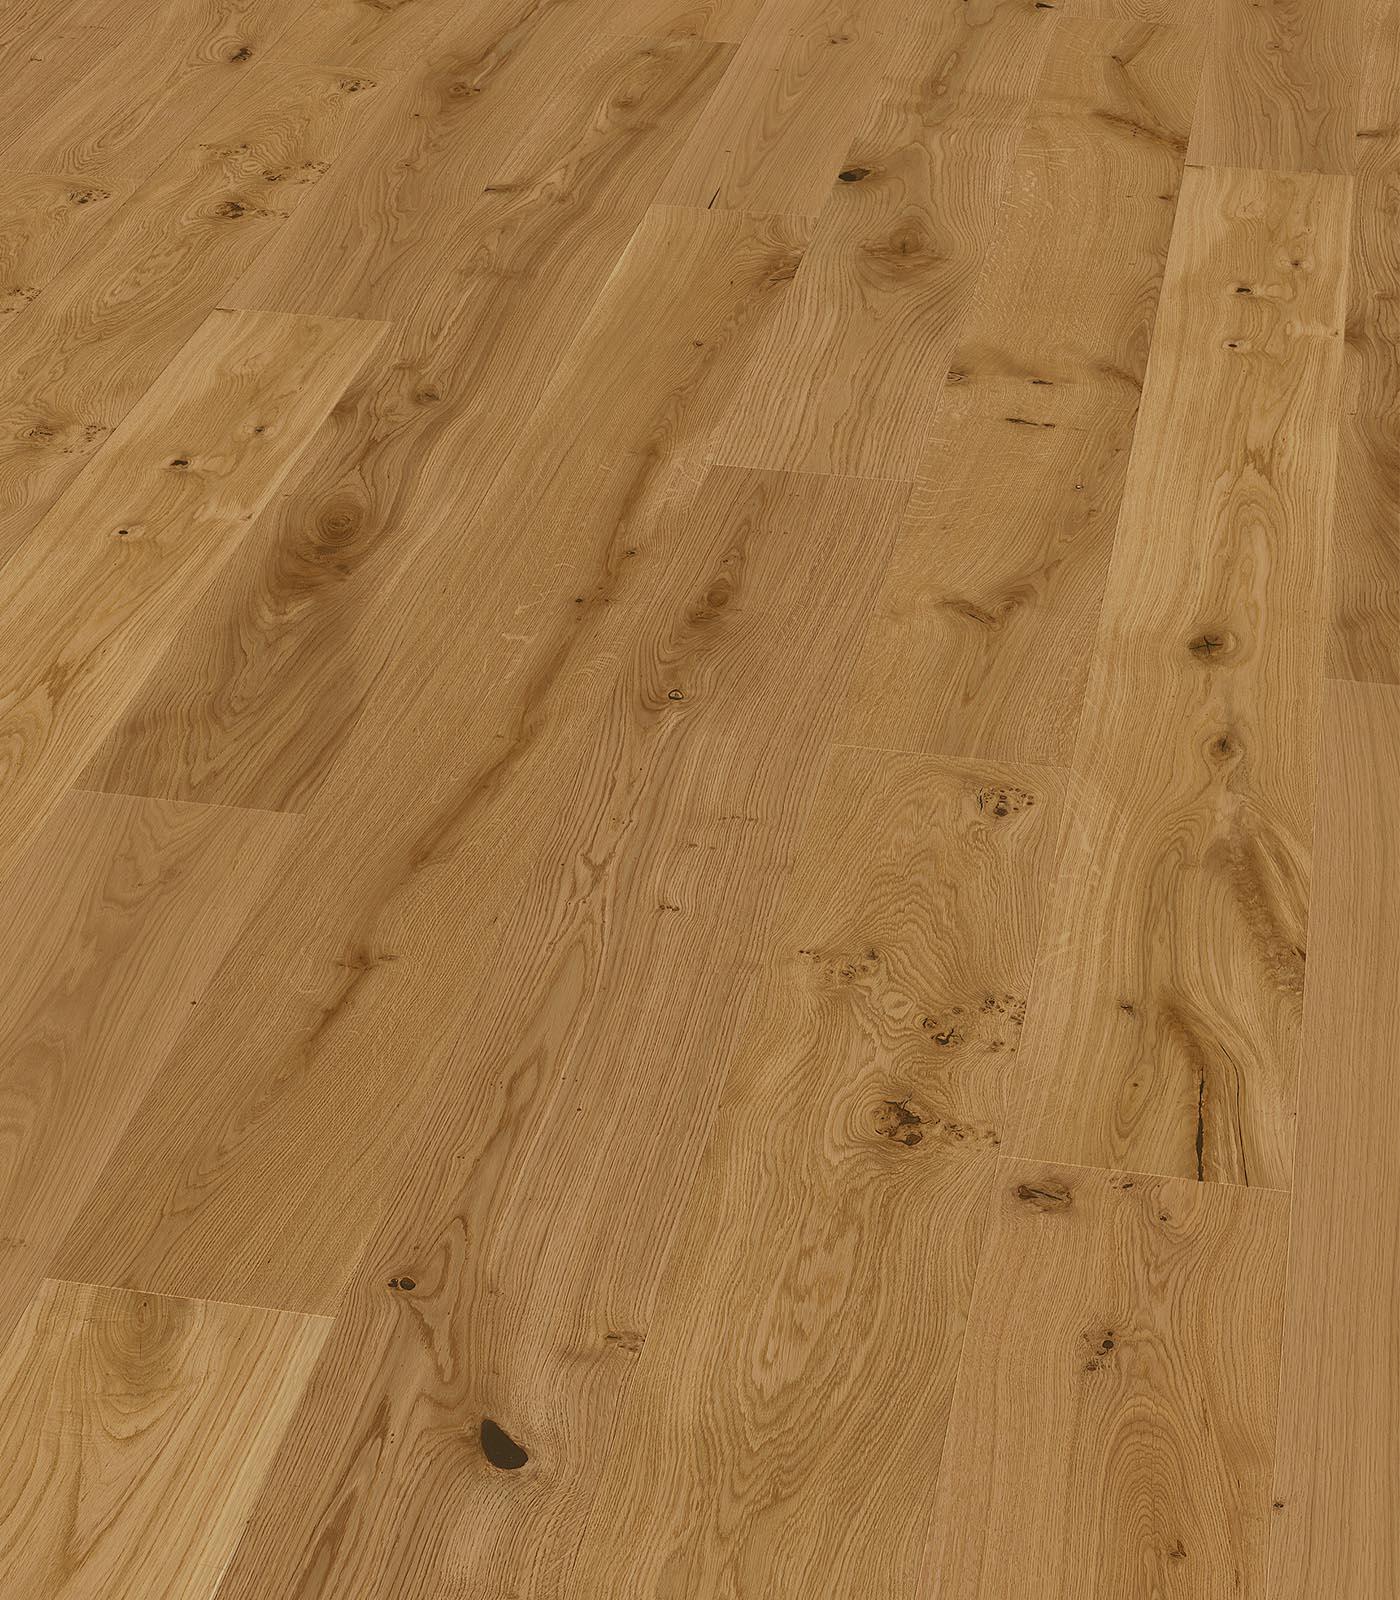 Lifestyle-European-Oak-grading-floors-angle